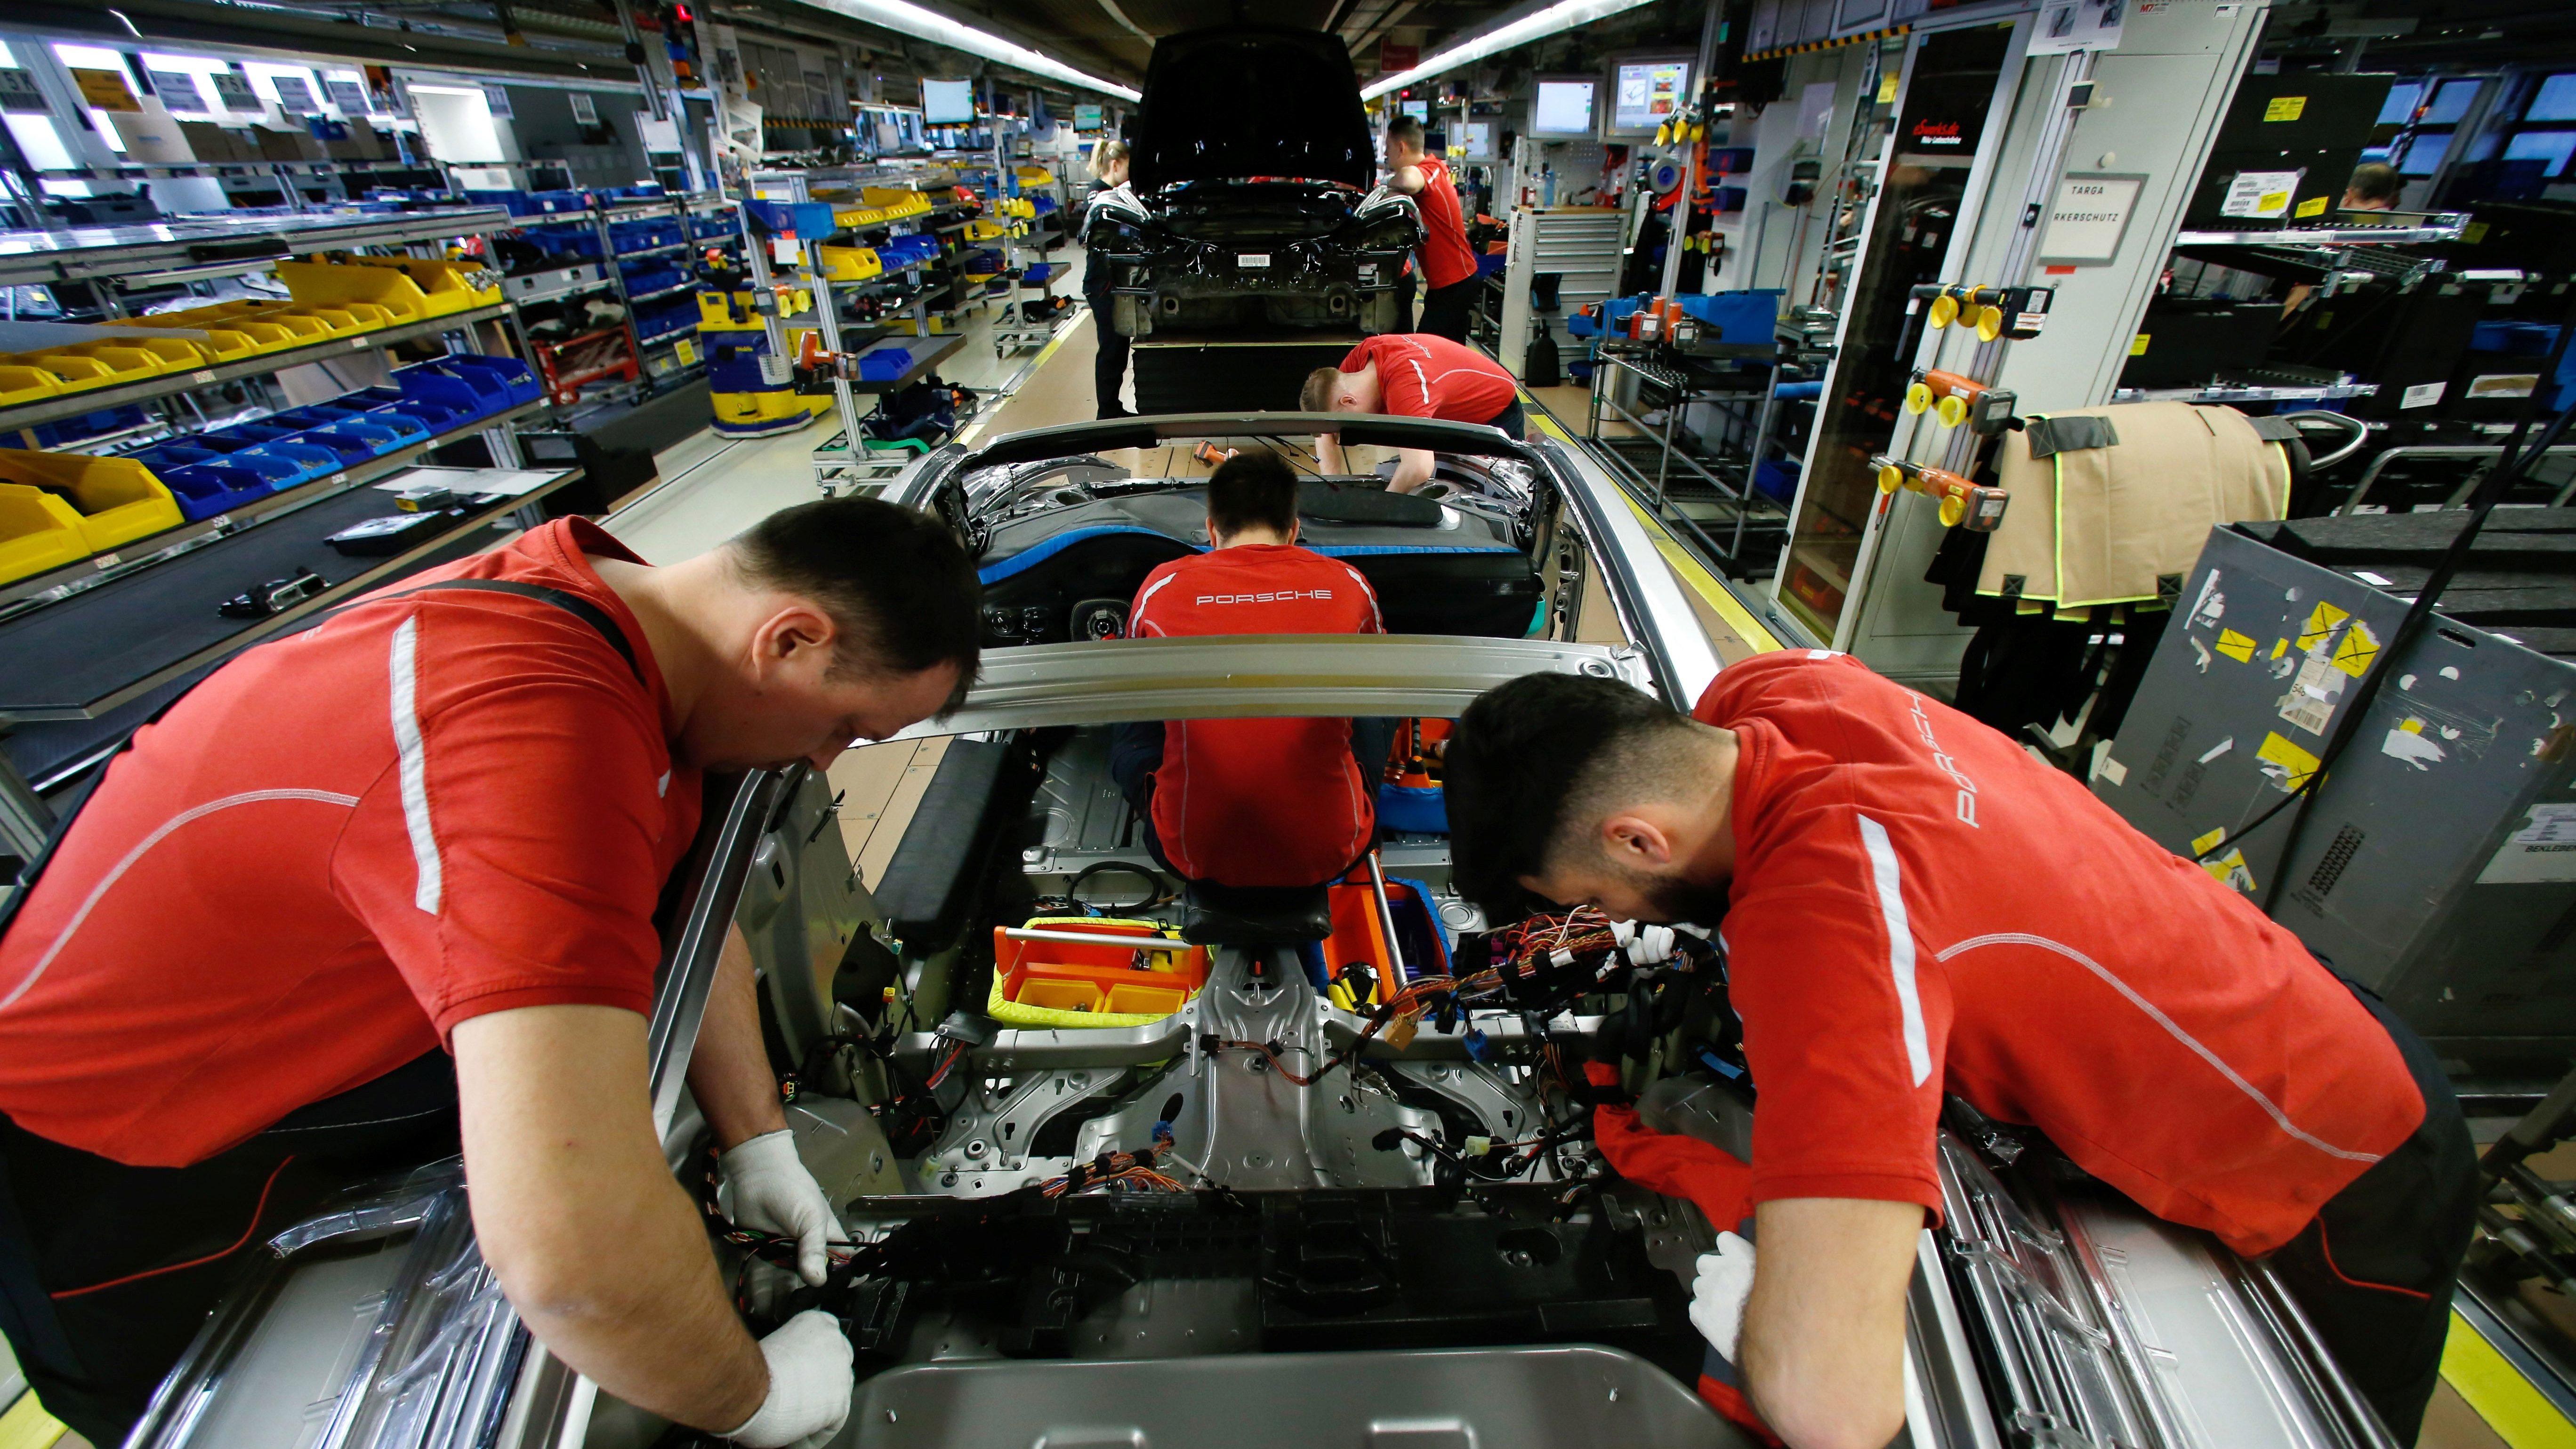 Employees of German car manufacturer Porsche